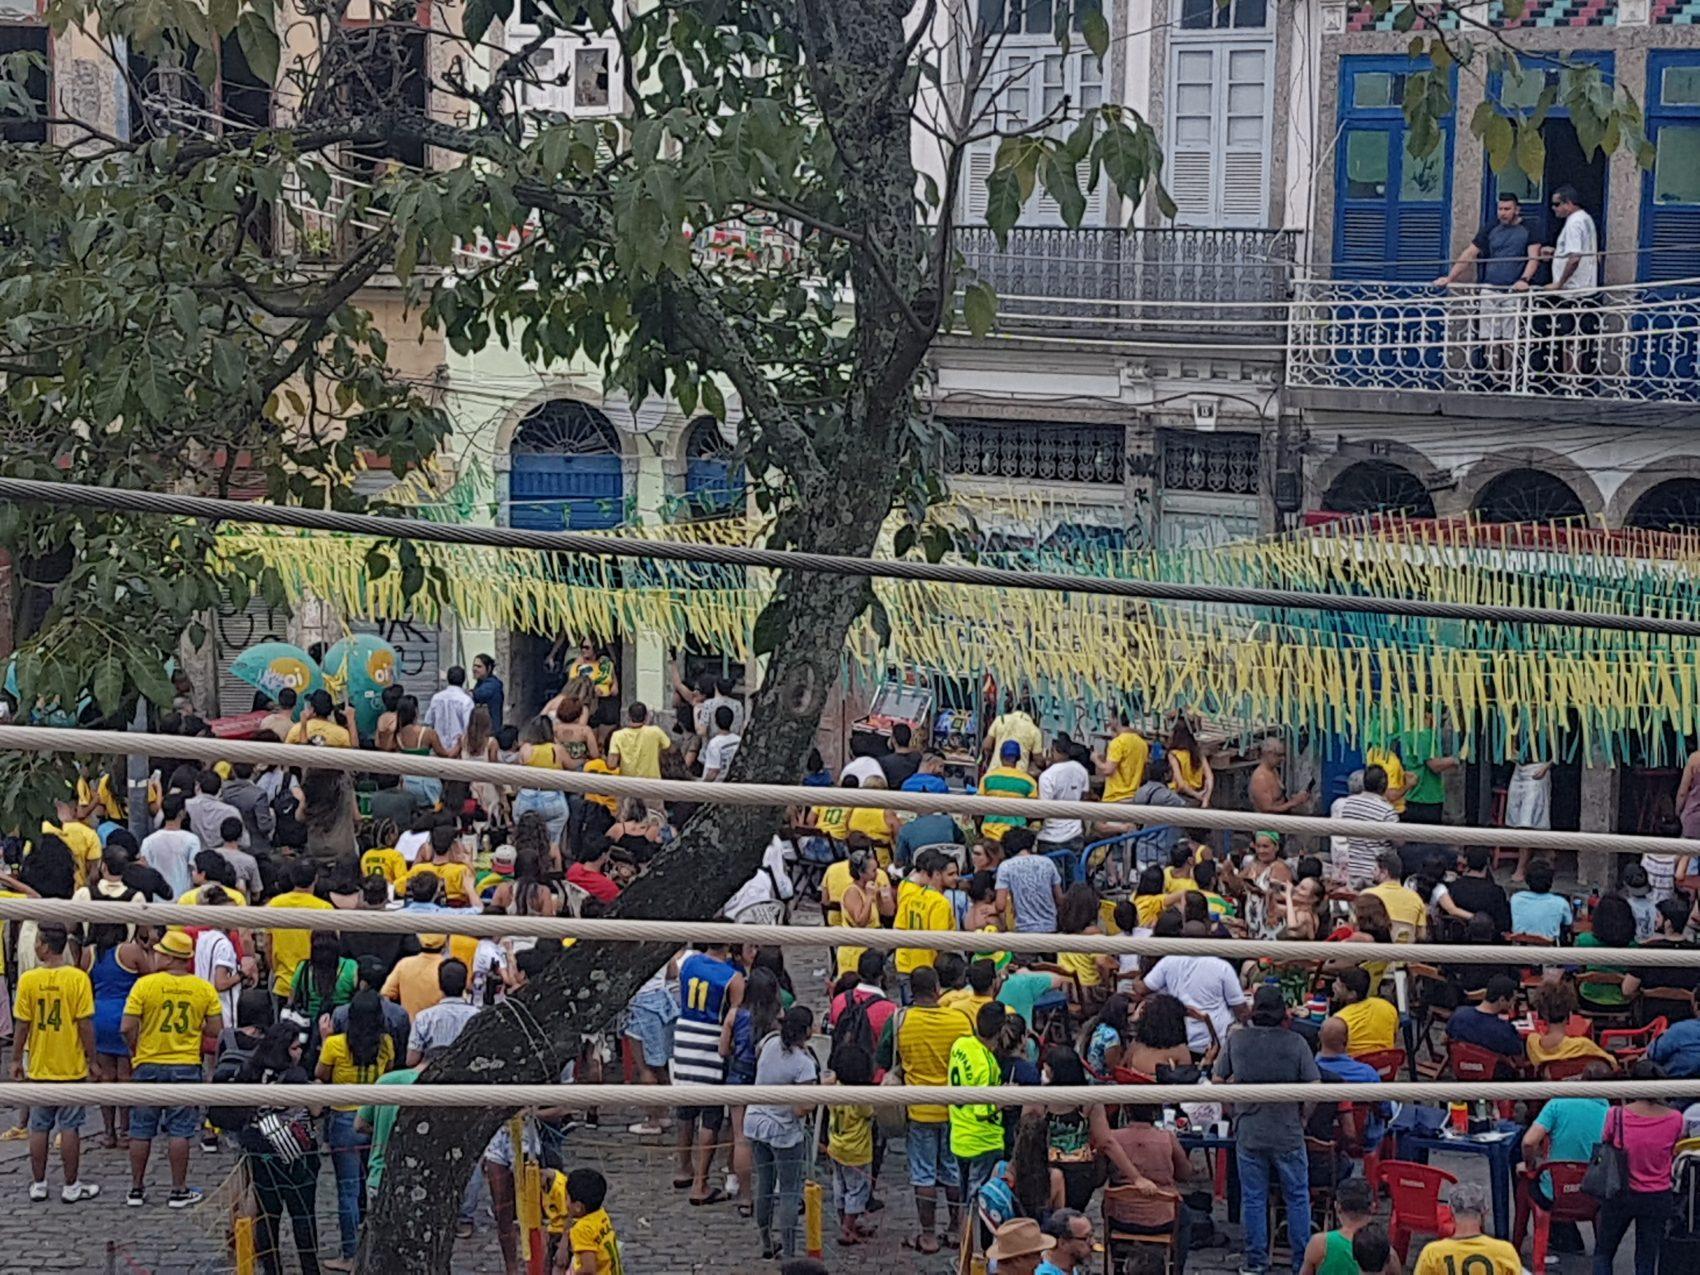 O povo na ruano Largo de São Francisco da Prainha (Foto Oscar Valporto)